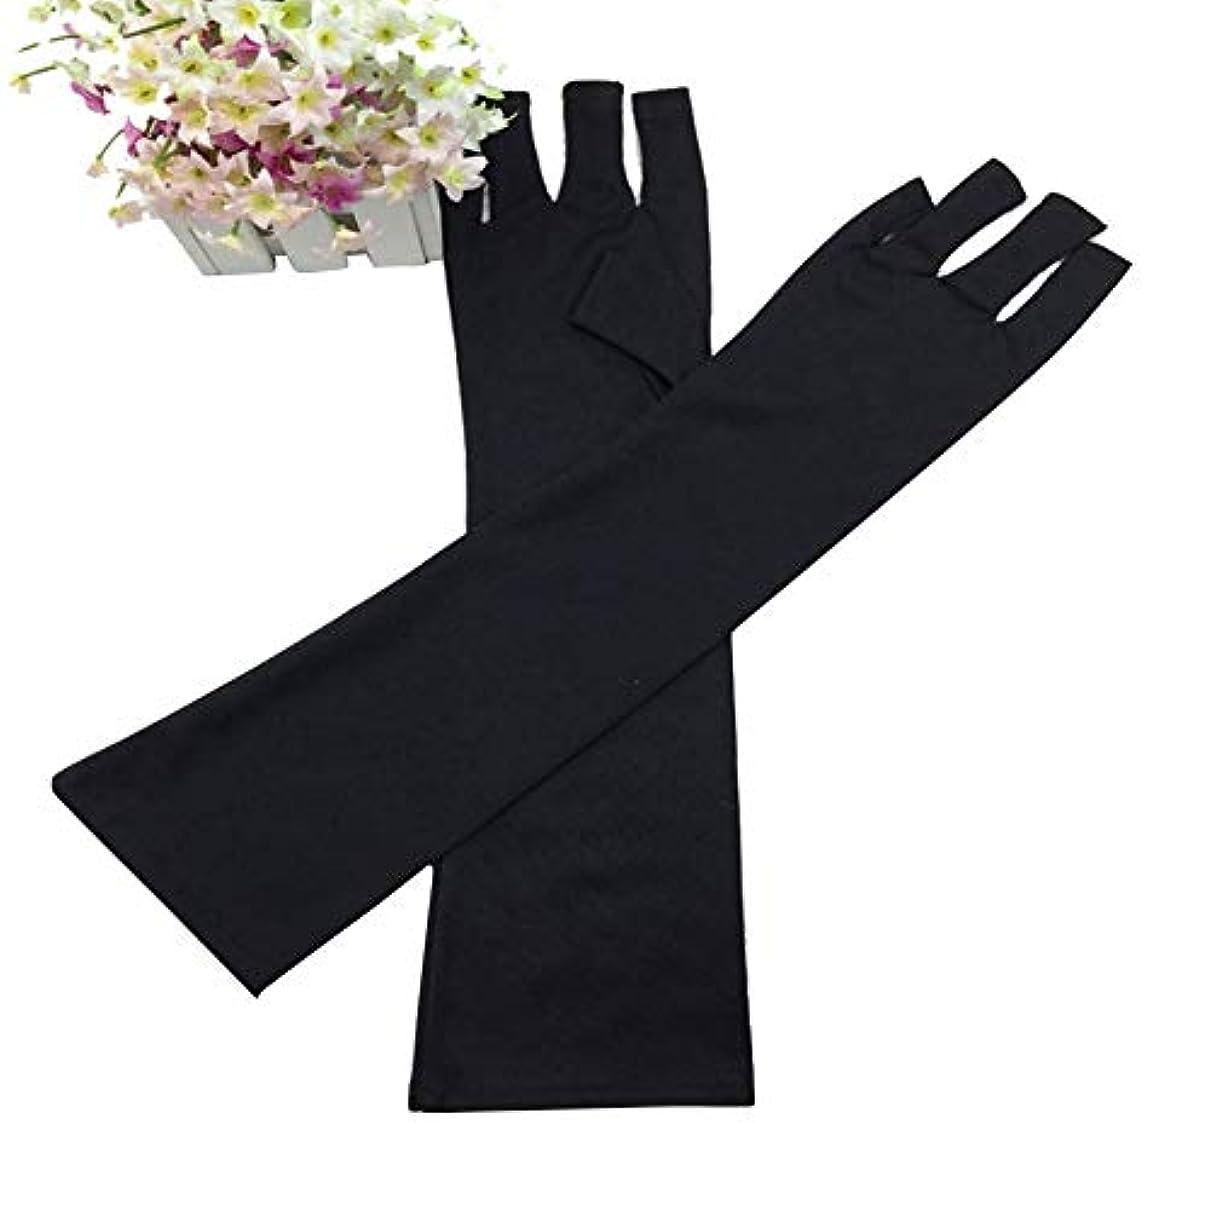 slQinjiansavネイルアート&ツール手袋UV光ランプ放射線保護手袋ハンドレストマニキュアネイルアートツール - ブラック